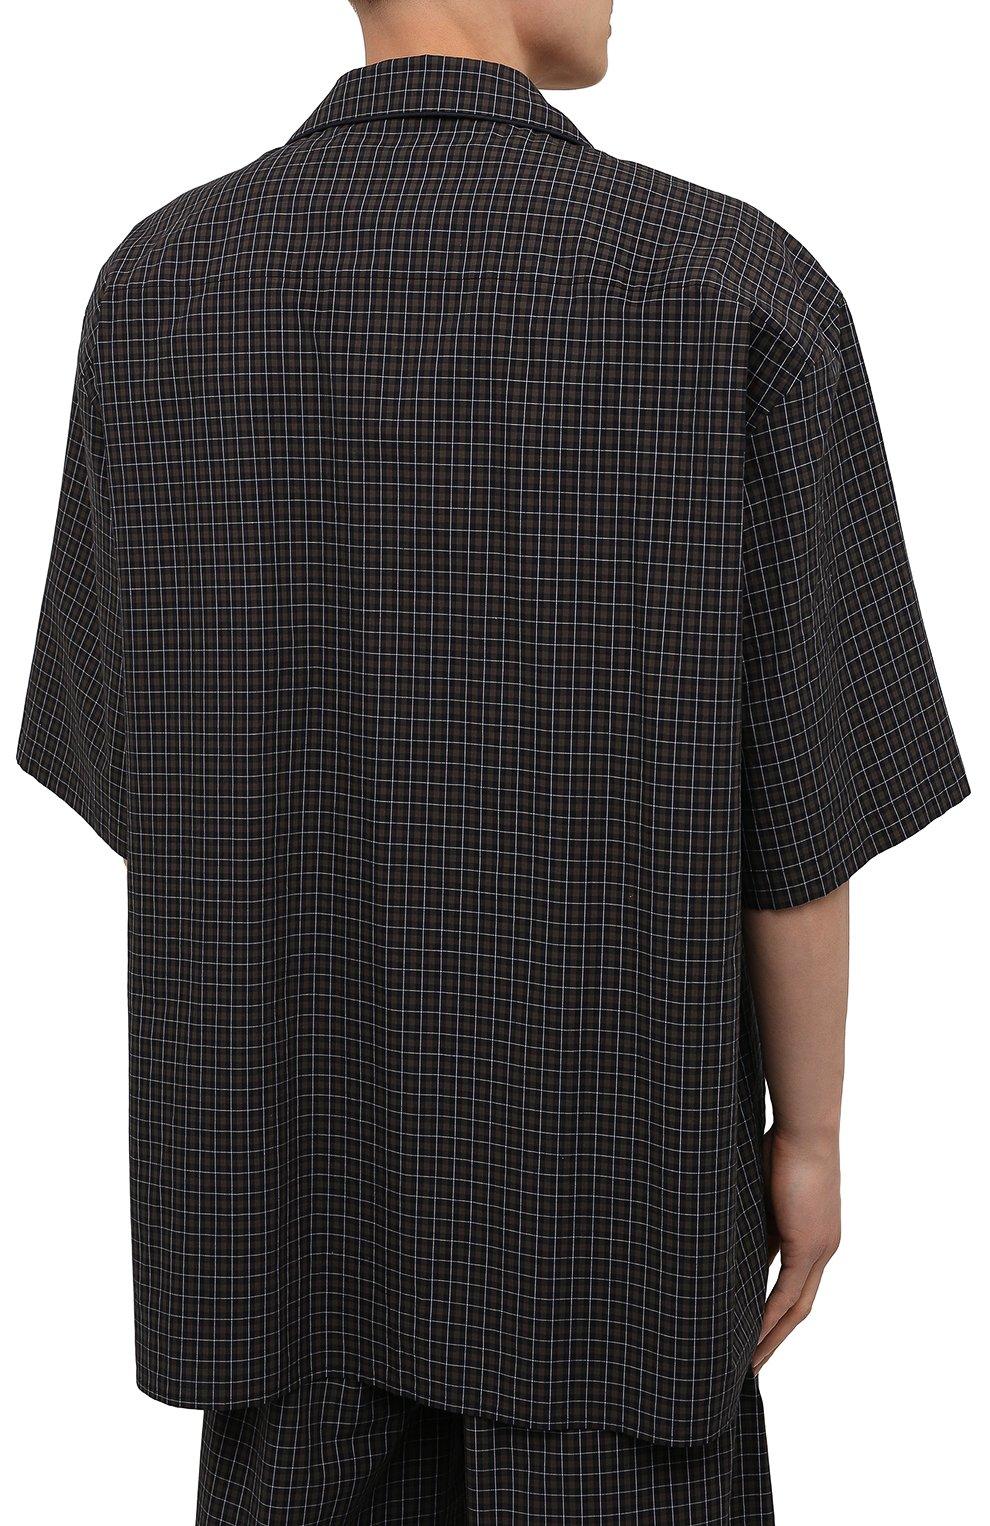 Мужская хлопковая рубашка BALENCIAGA хаки цвета, арт. 658845/TKM34   Фото 4 (Принт: Клетка; Рукава: Короткие; Случай: Повседневный; Длина (для топов): Стандартные, Удлиненные; Материал внешний: Хлопок; Воротник: Отложной; Стили: Минимализм)